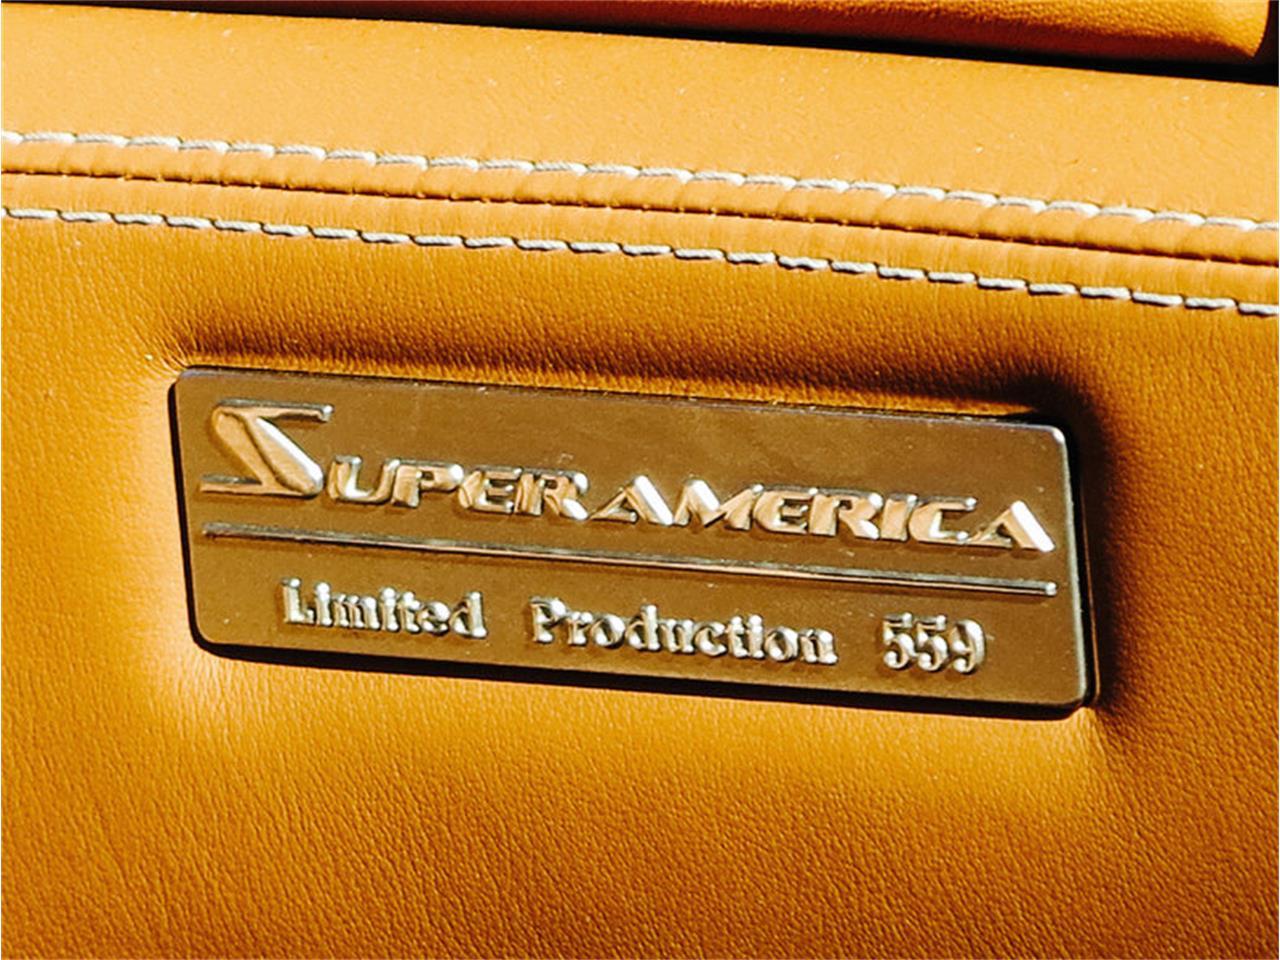 Large Picture of '05 575 Superamerica - LU67